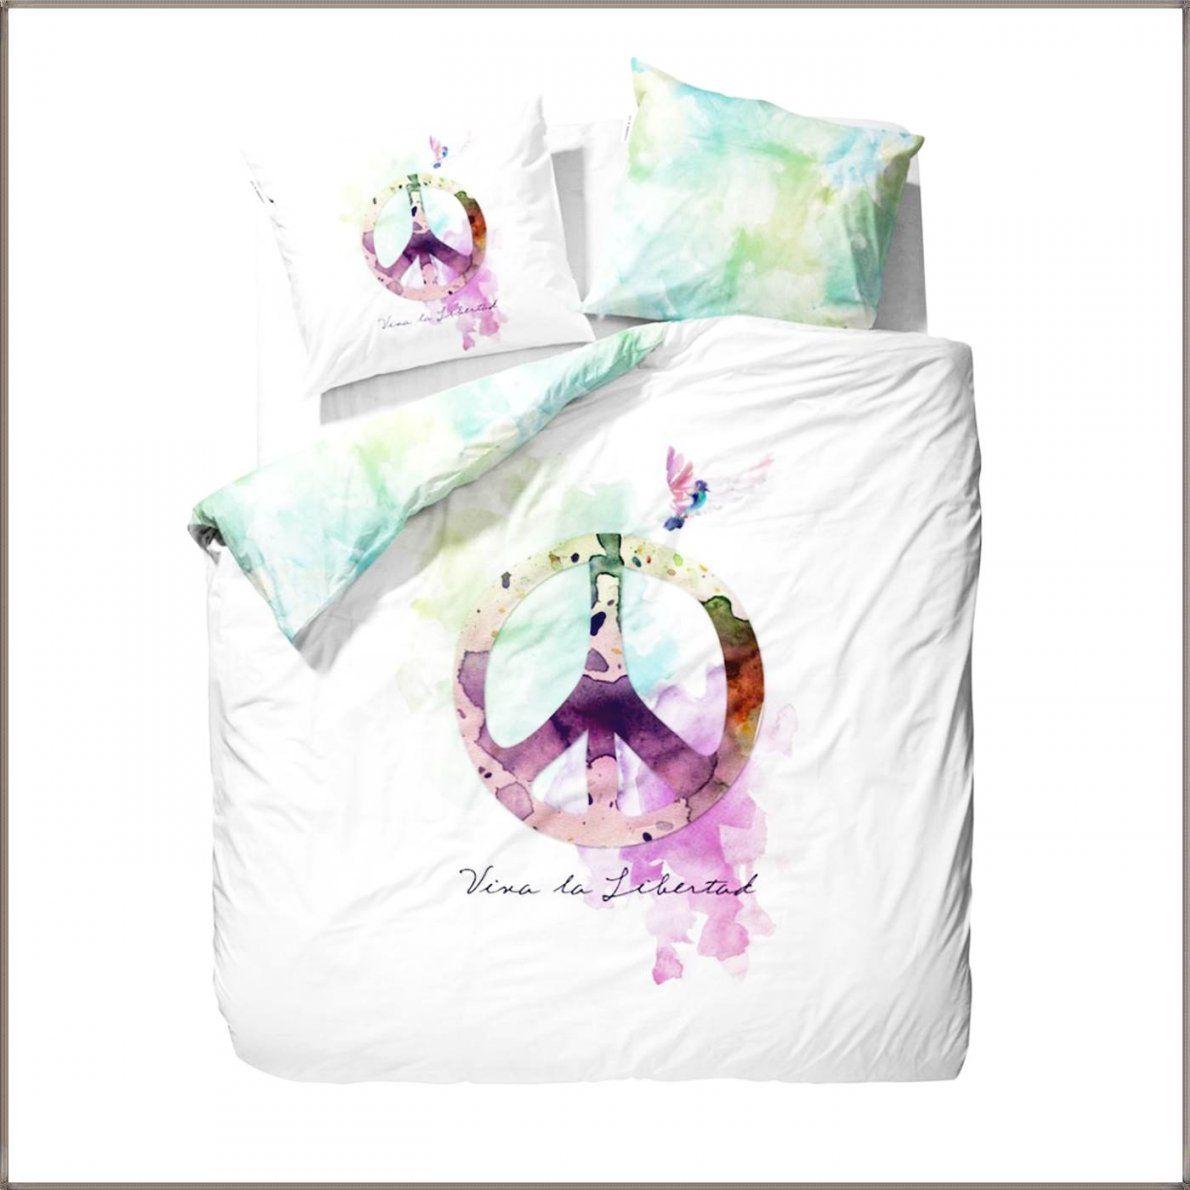 Coole Bettwäsche Für Teenager Mit Günstig Online Kaufen Qualität Von von Coole Bettwäsche Für Teenager Bild